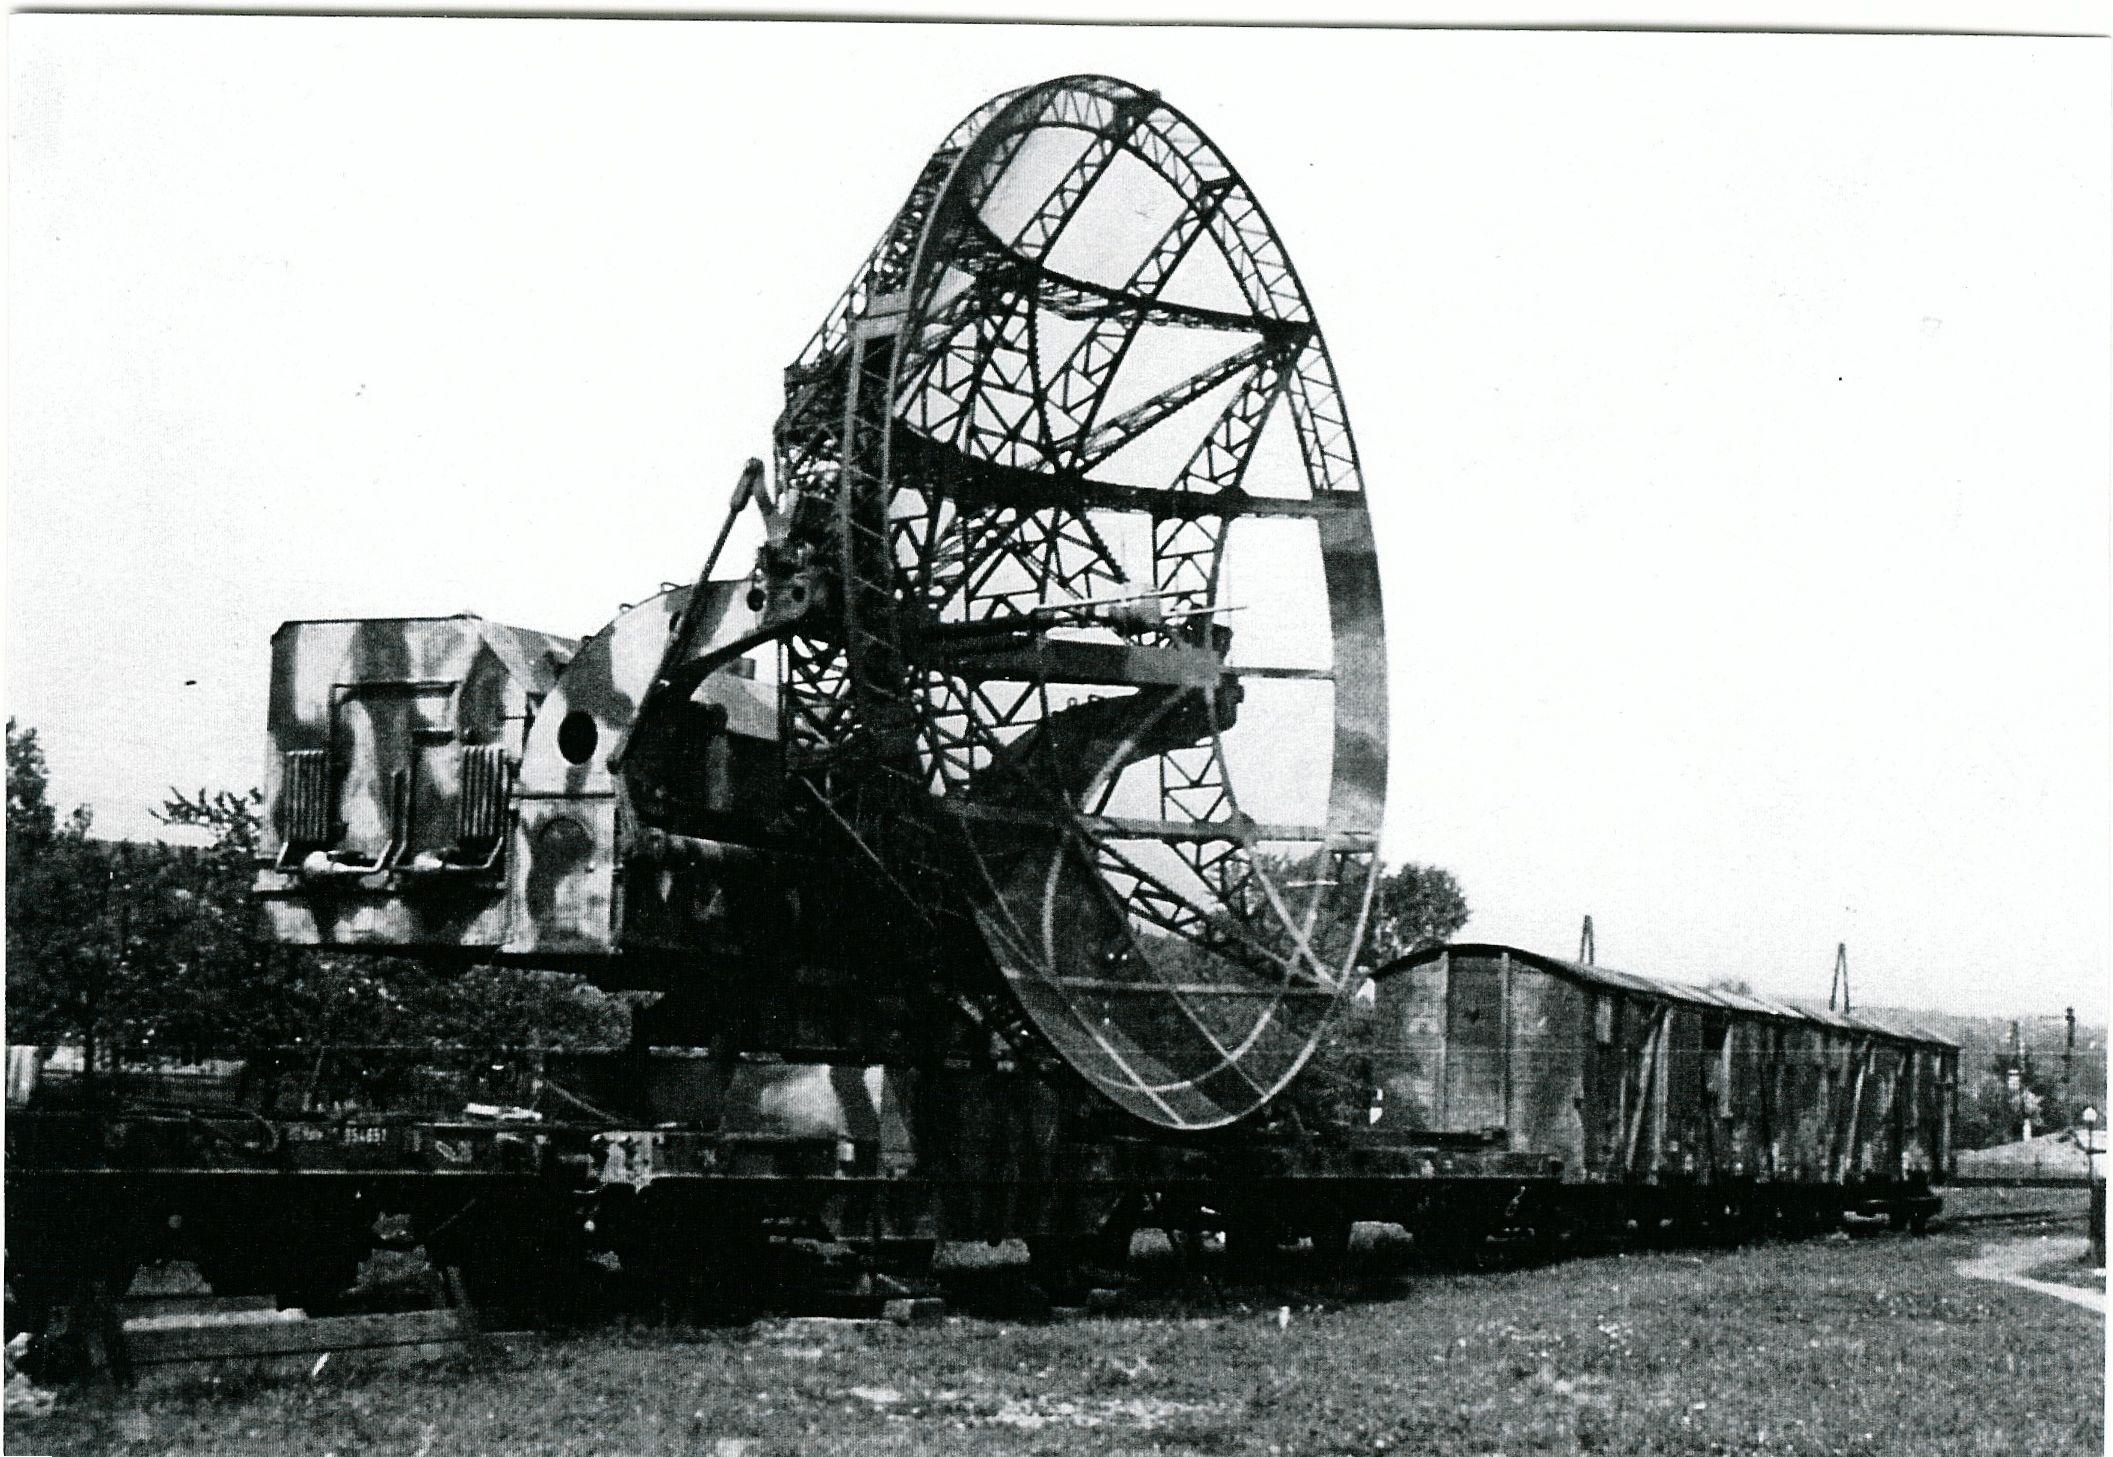 Перевозка комплекса РЛС по железной дороге